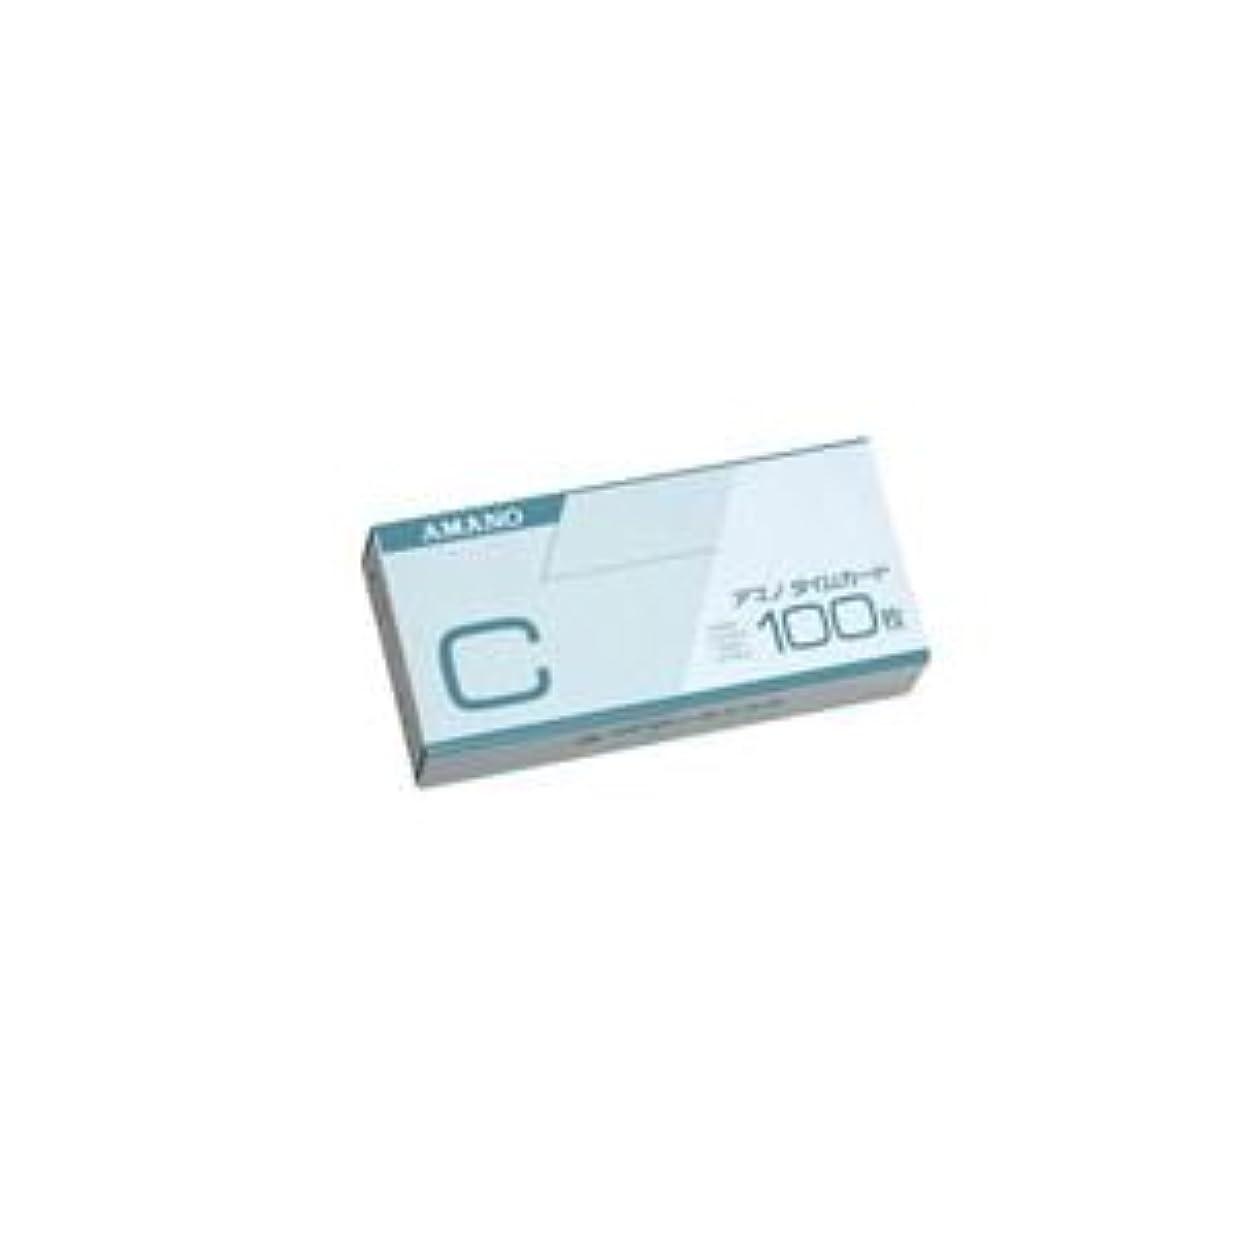 ライラック気味の悪い逆(業務用30セット) アマノ 標準タイムカードC 100枚入 ×30セット ds-1738874